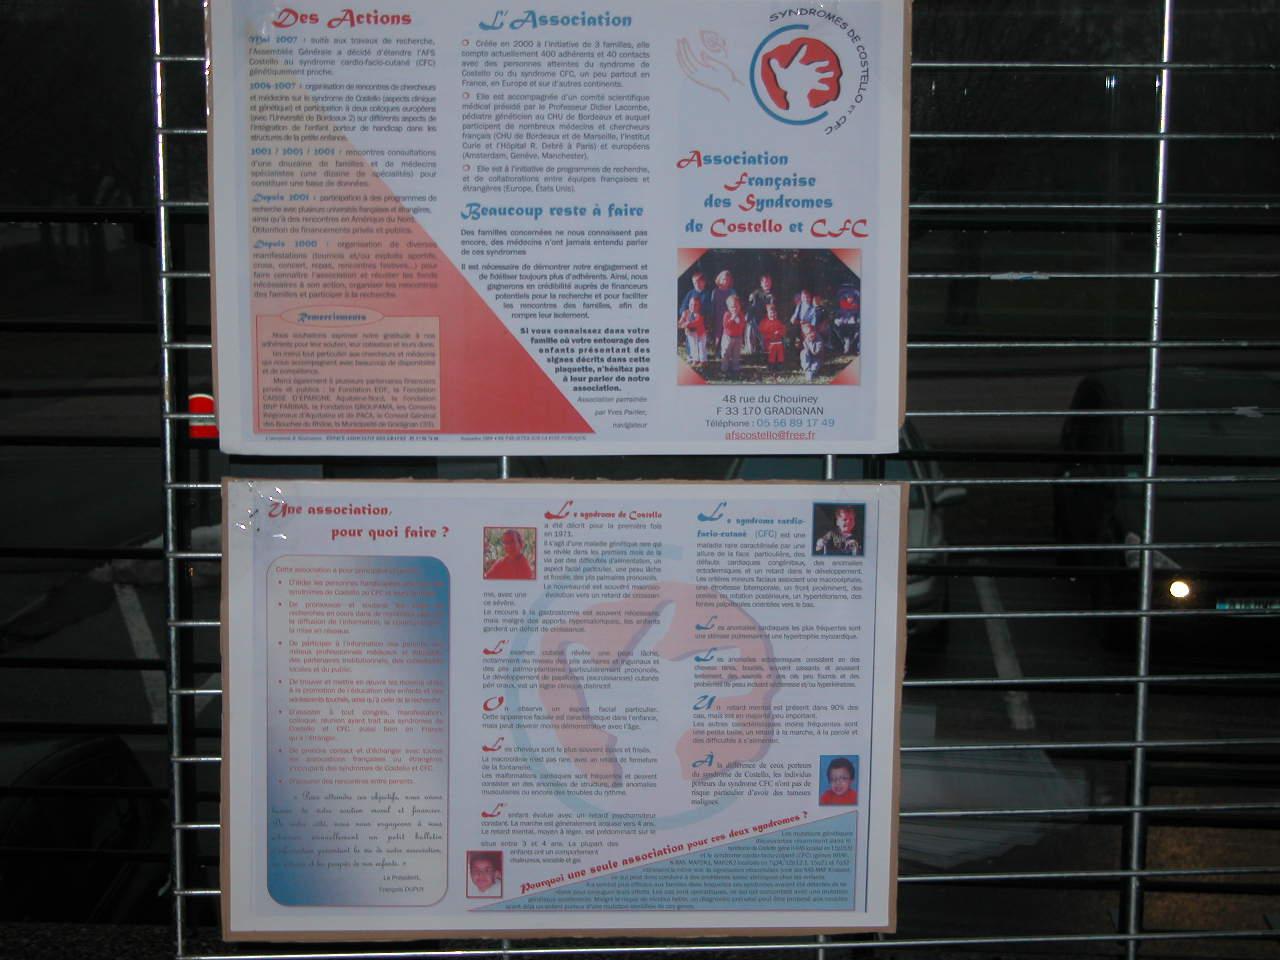 Sensibilisation sur le Syndrome de Costello, aider à la recherche